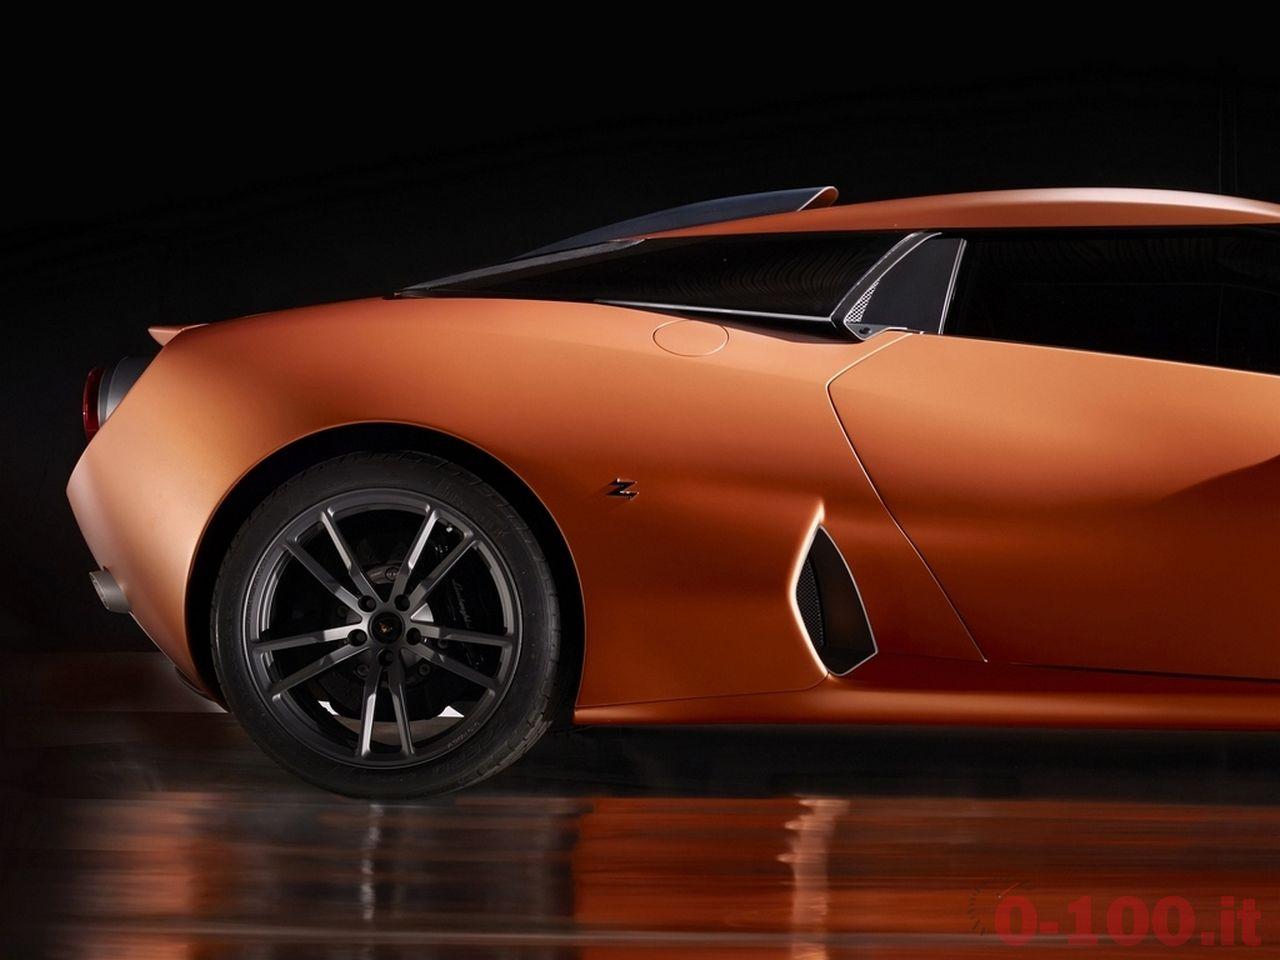 Lamborghini-5-95-Zagato_concorso_villa_deste_2014_Albert _Spiess_0-1006